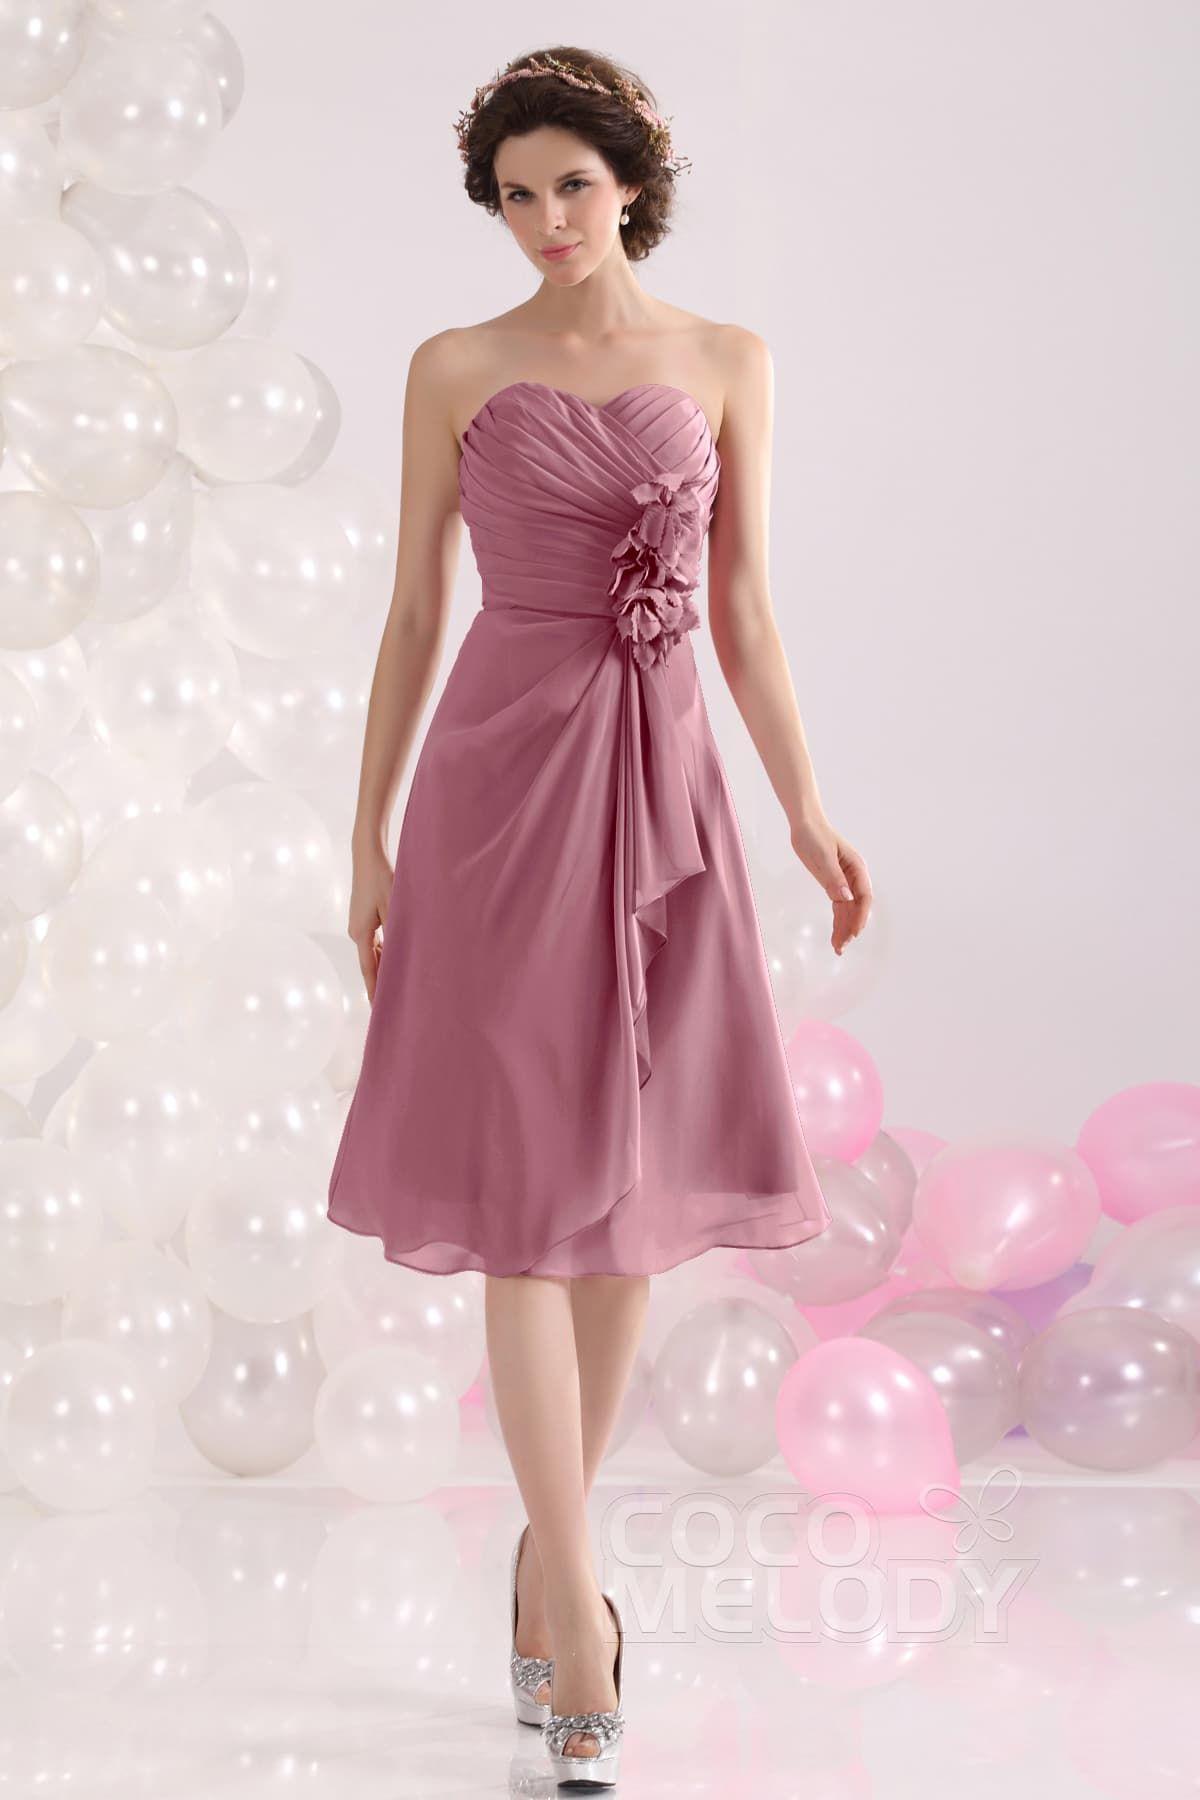 Asombroso Vestido De La Dama De Reventa Regalo - Colección de ...